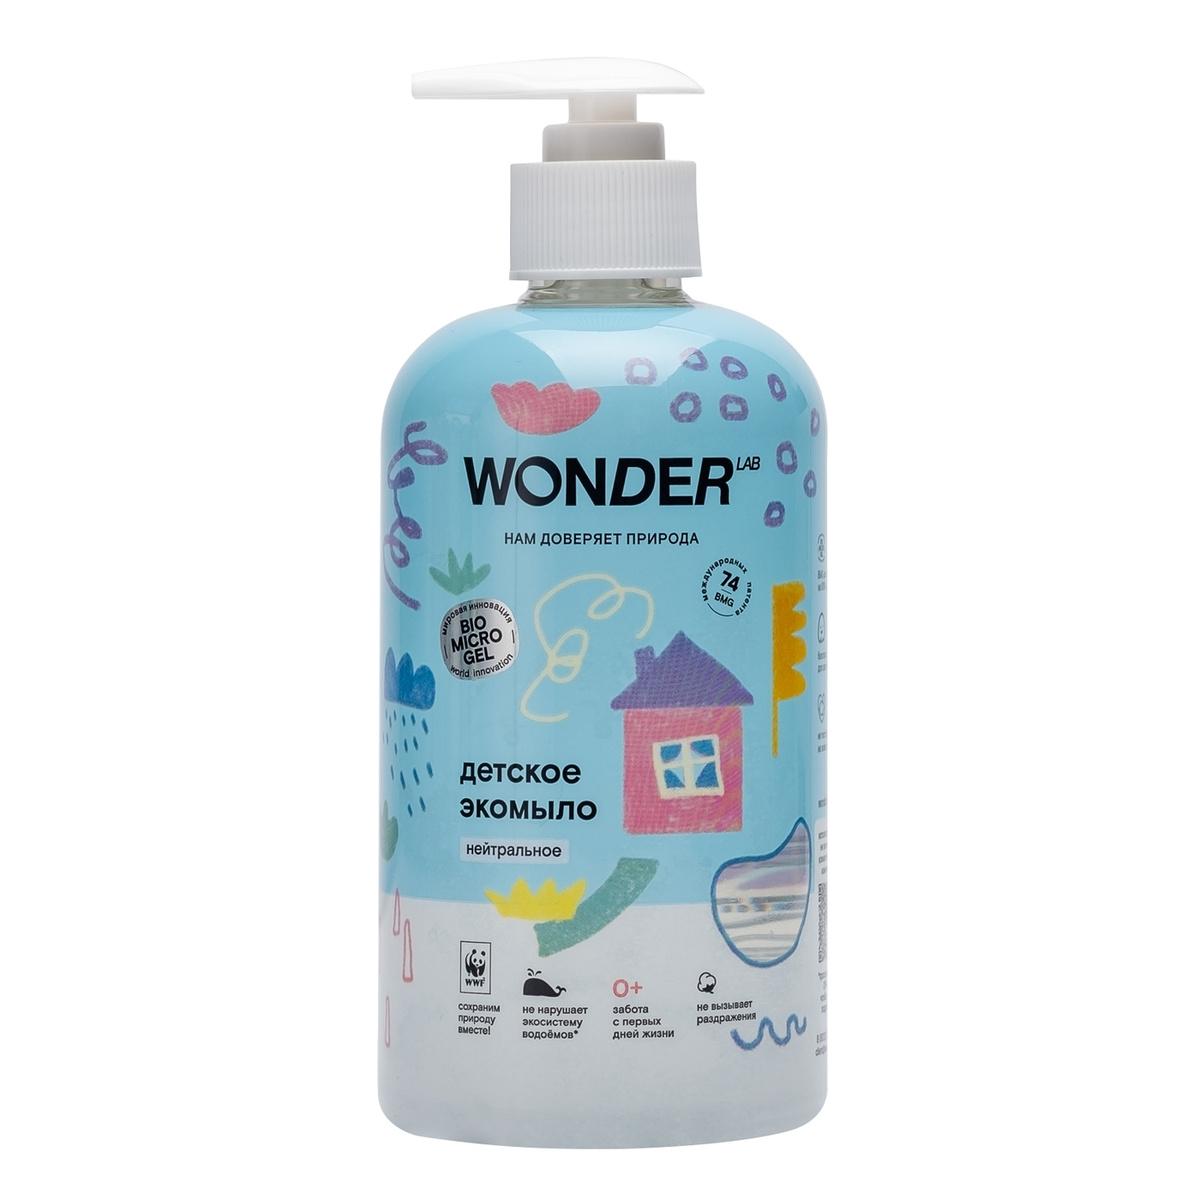 Жидкое мыло для детей Wonder Lab Детское эко мыло с нейтральным запахом Моющее средство детское безопасна #1